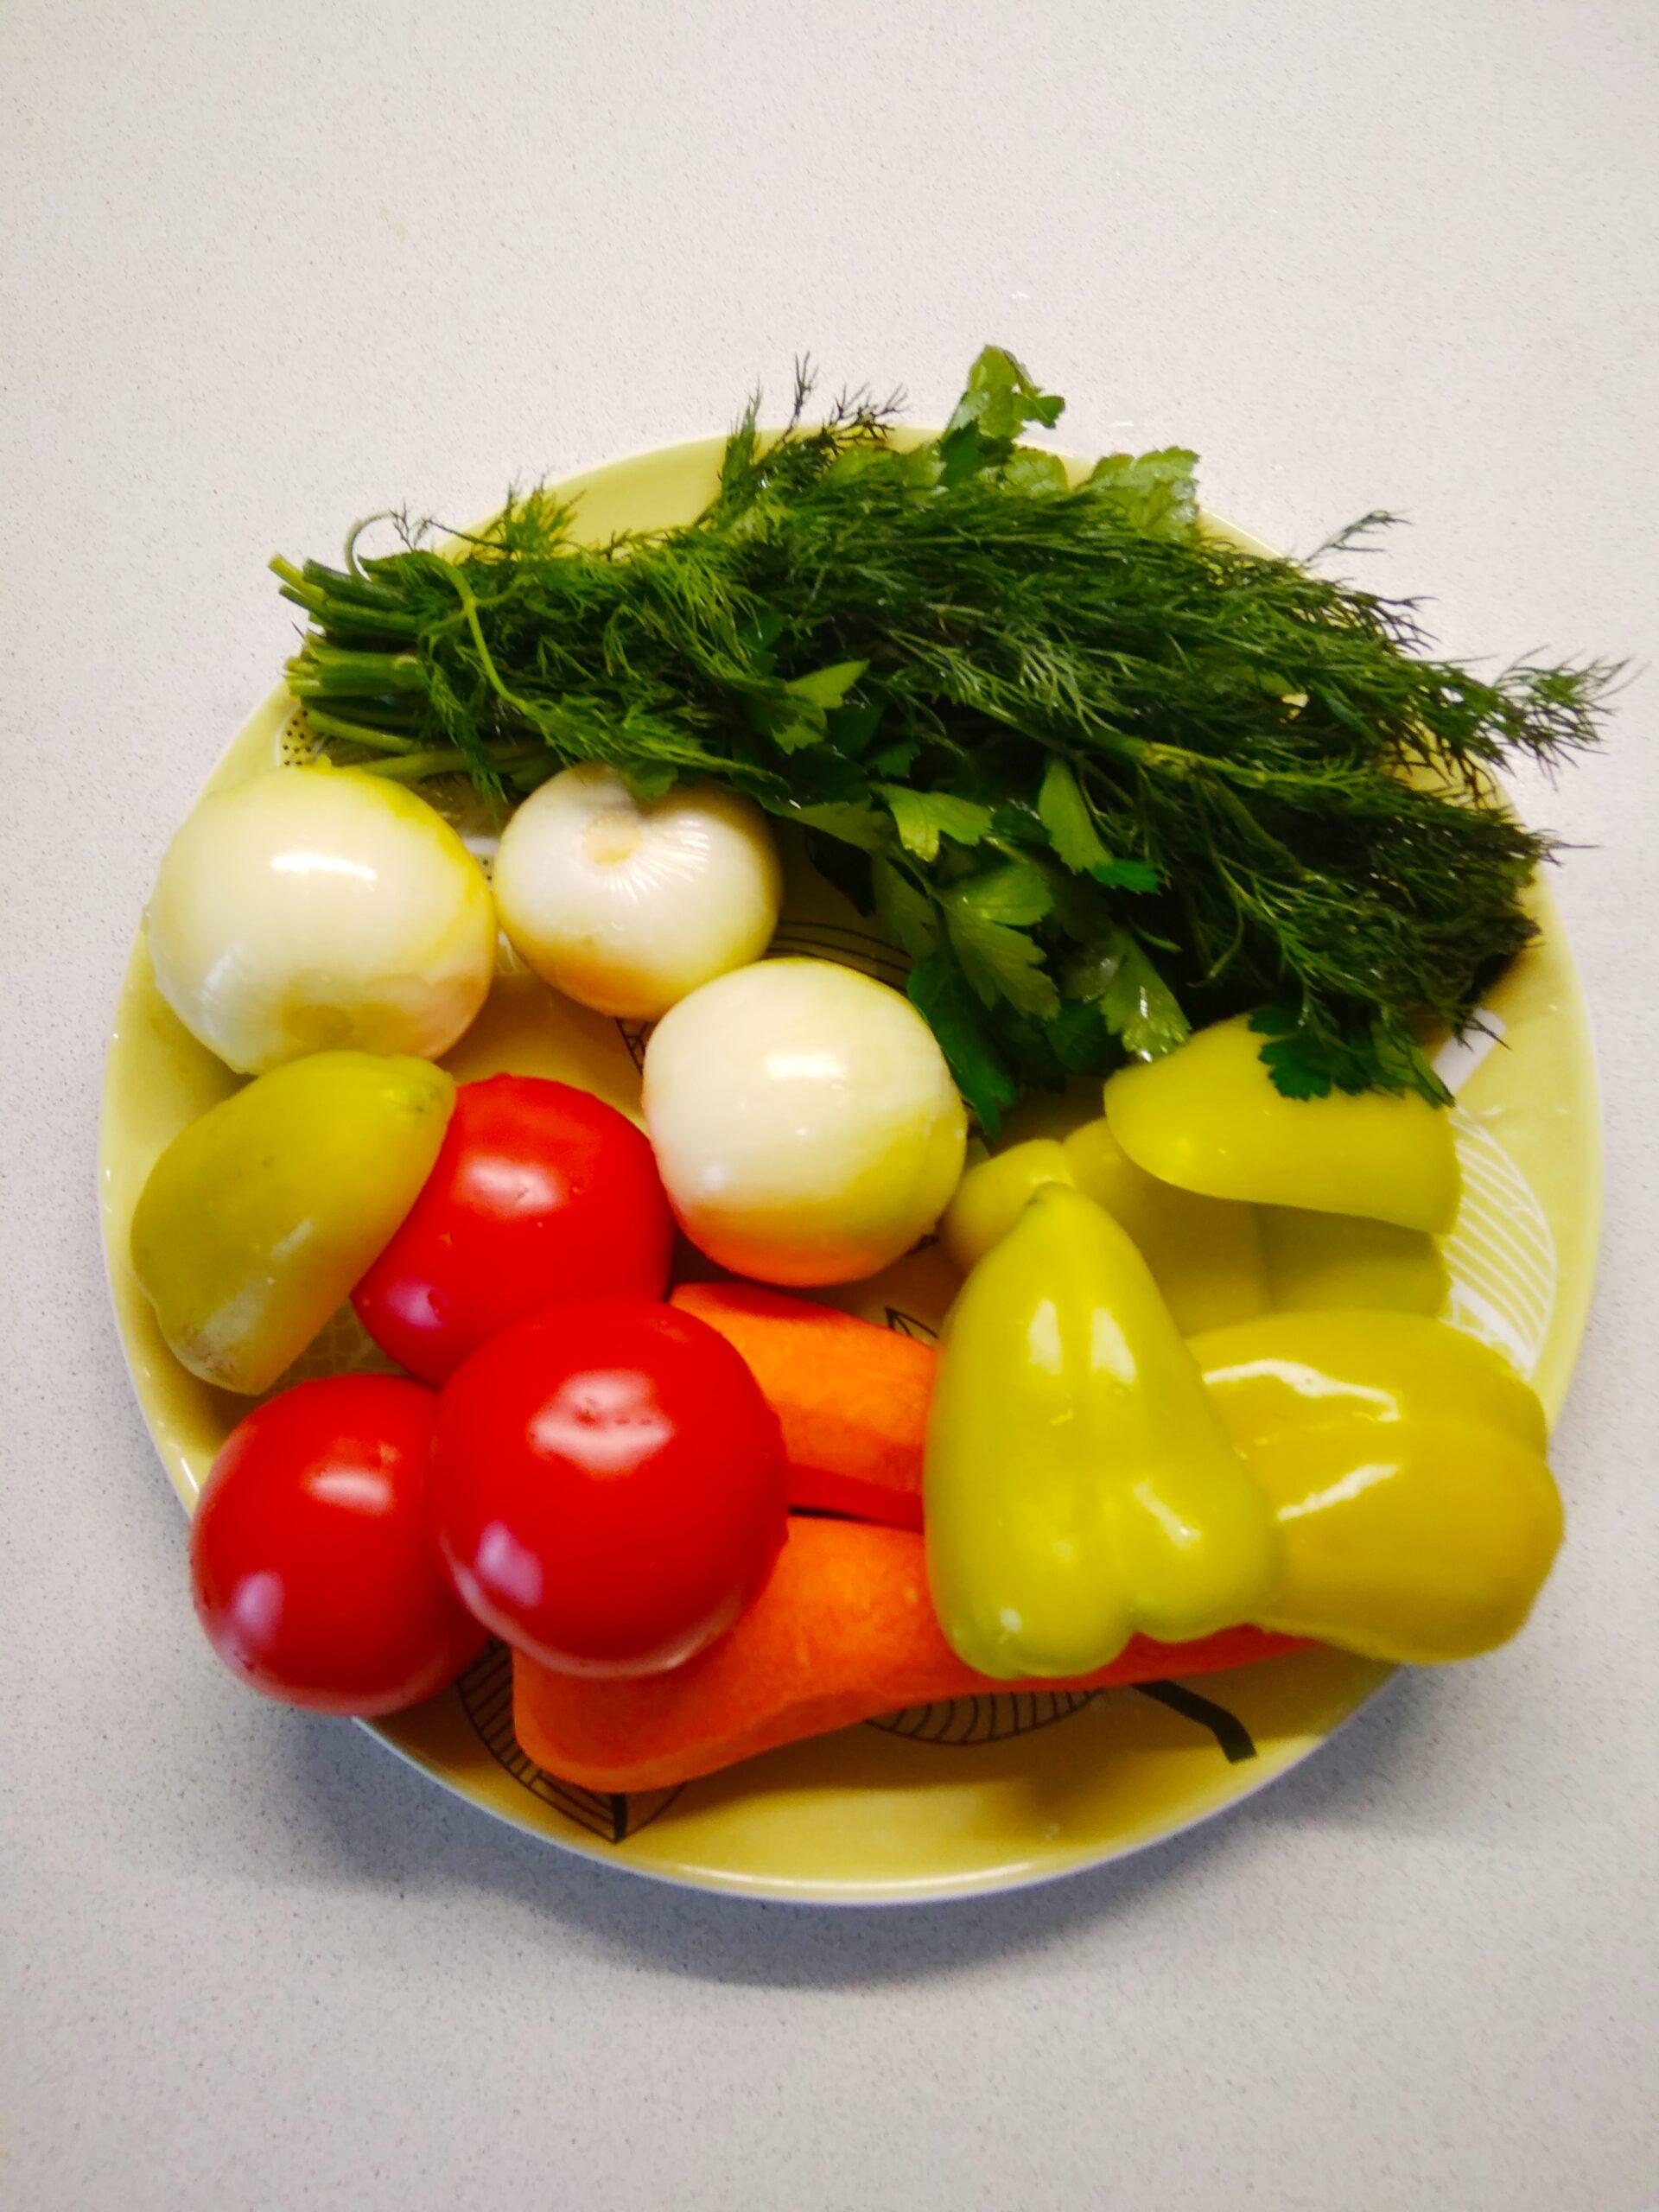 Рецепт вкусной, а главное полезной суповой заправки